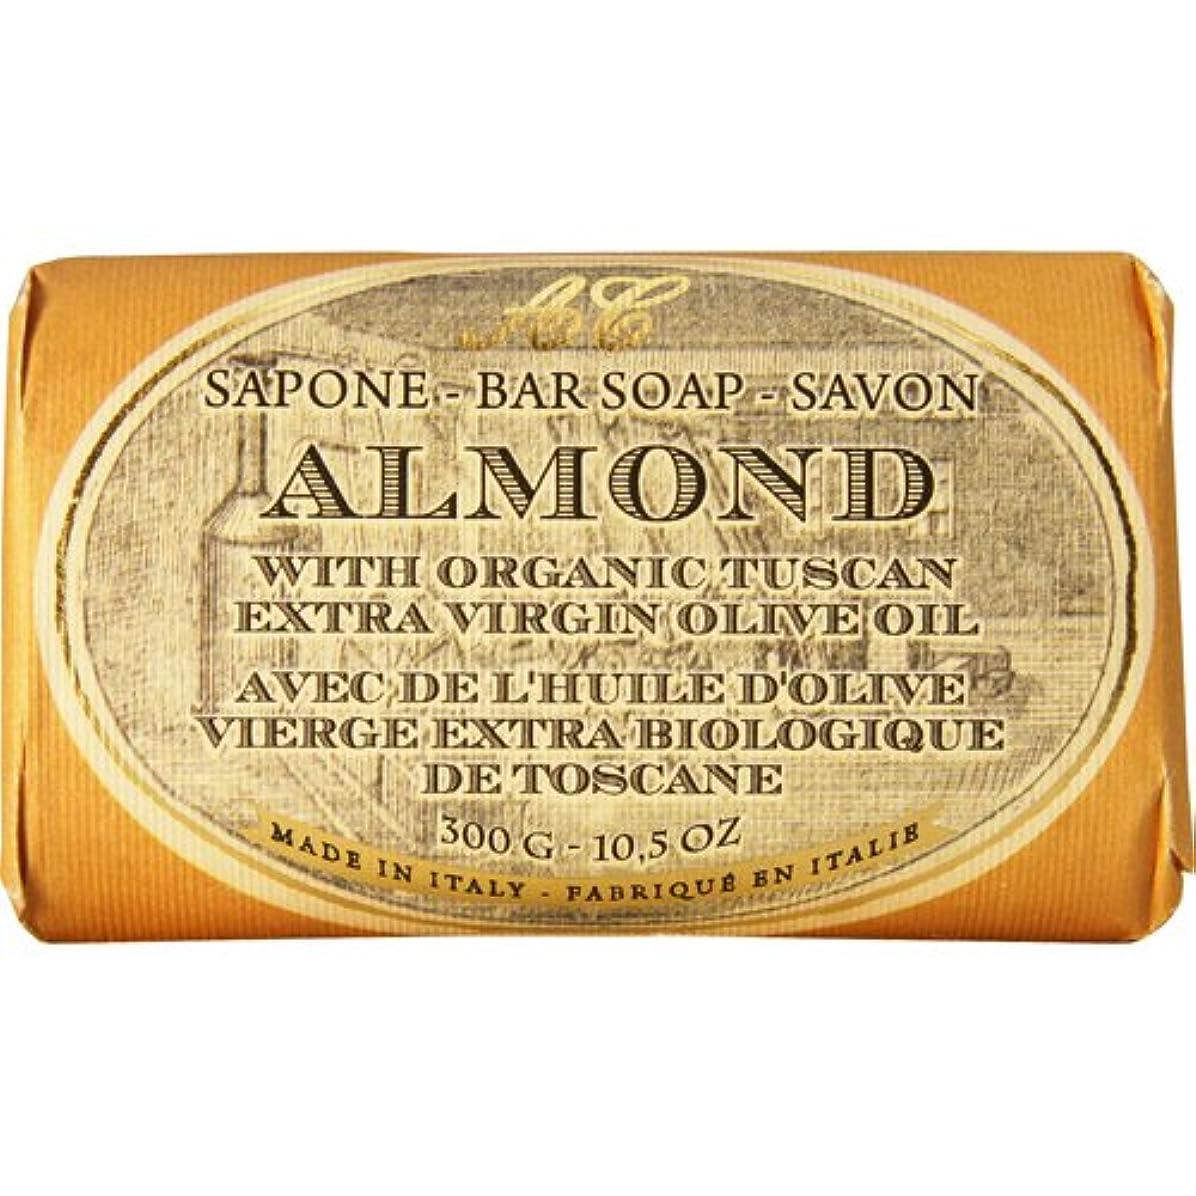 しなやかフォーム年齢Saponerire Fissi レトロシリーズ Bar Soap バーソープ 300g Almond アーモンドオイル